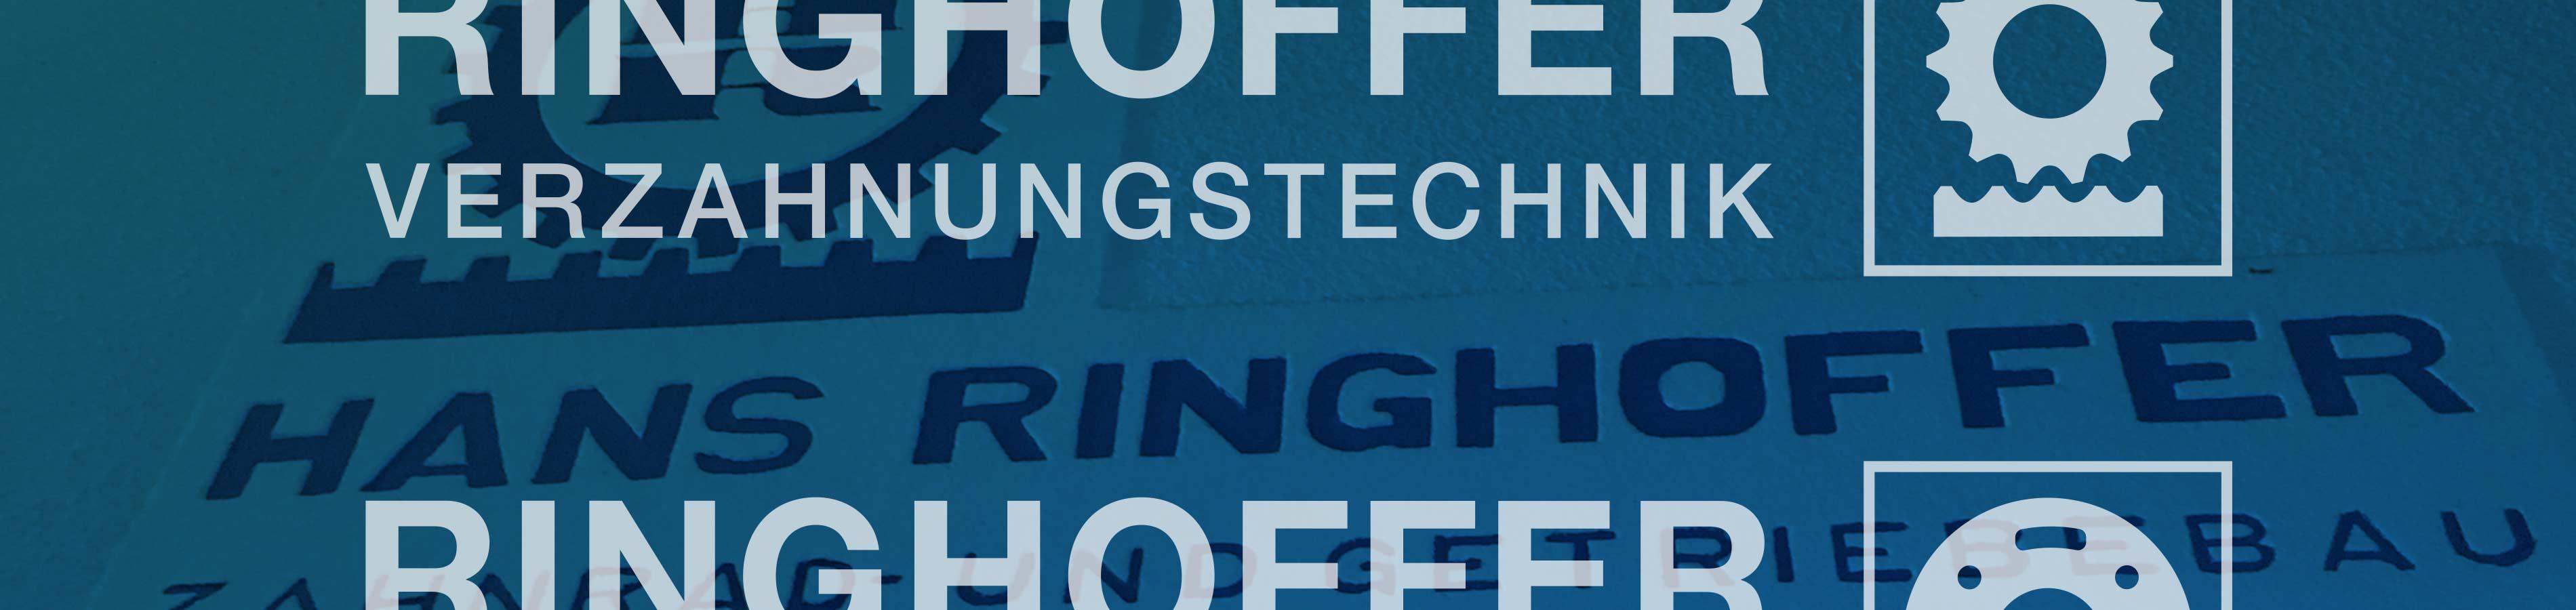 Ringhoffer Verzahnungstechnik Geschäftsführung